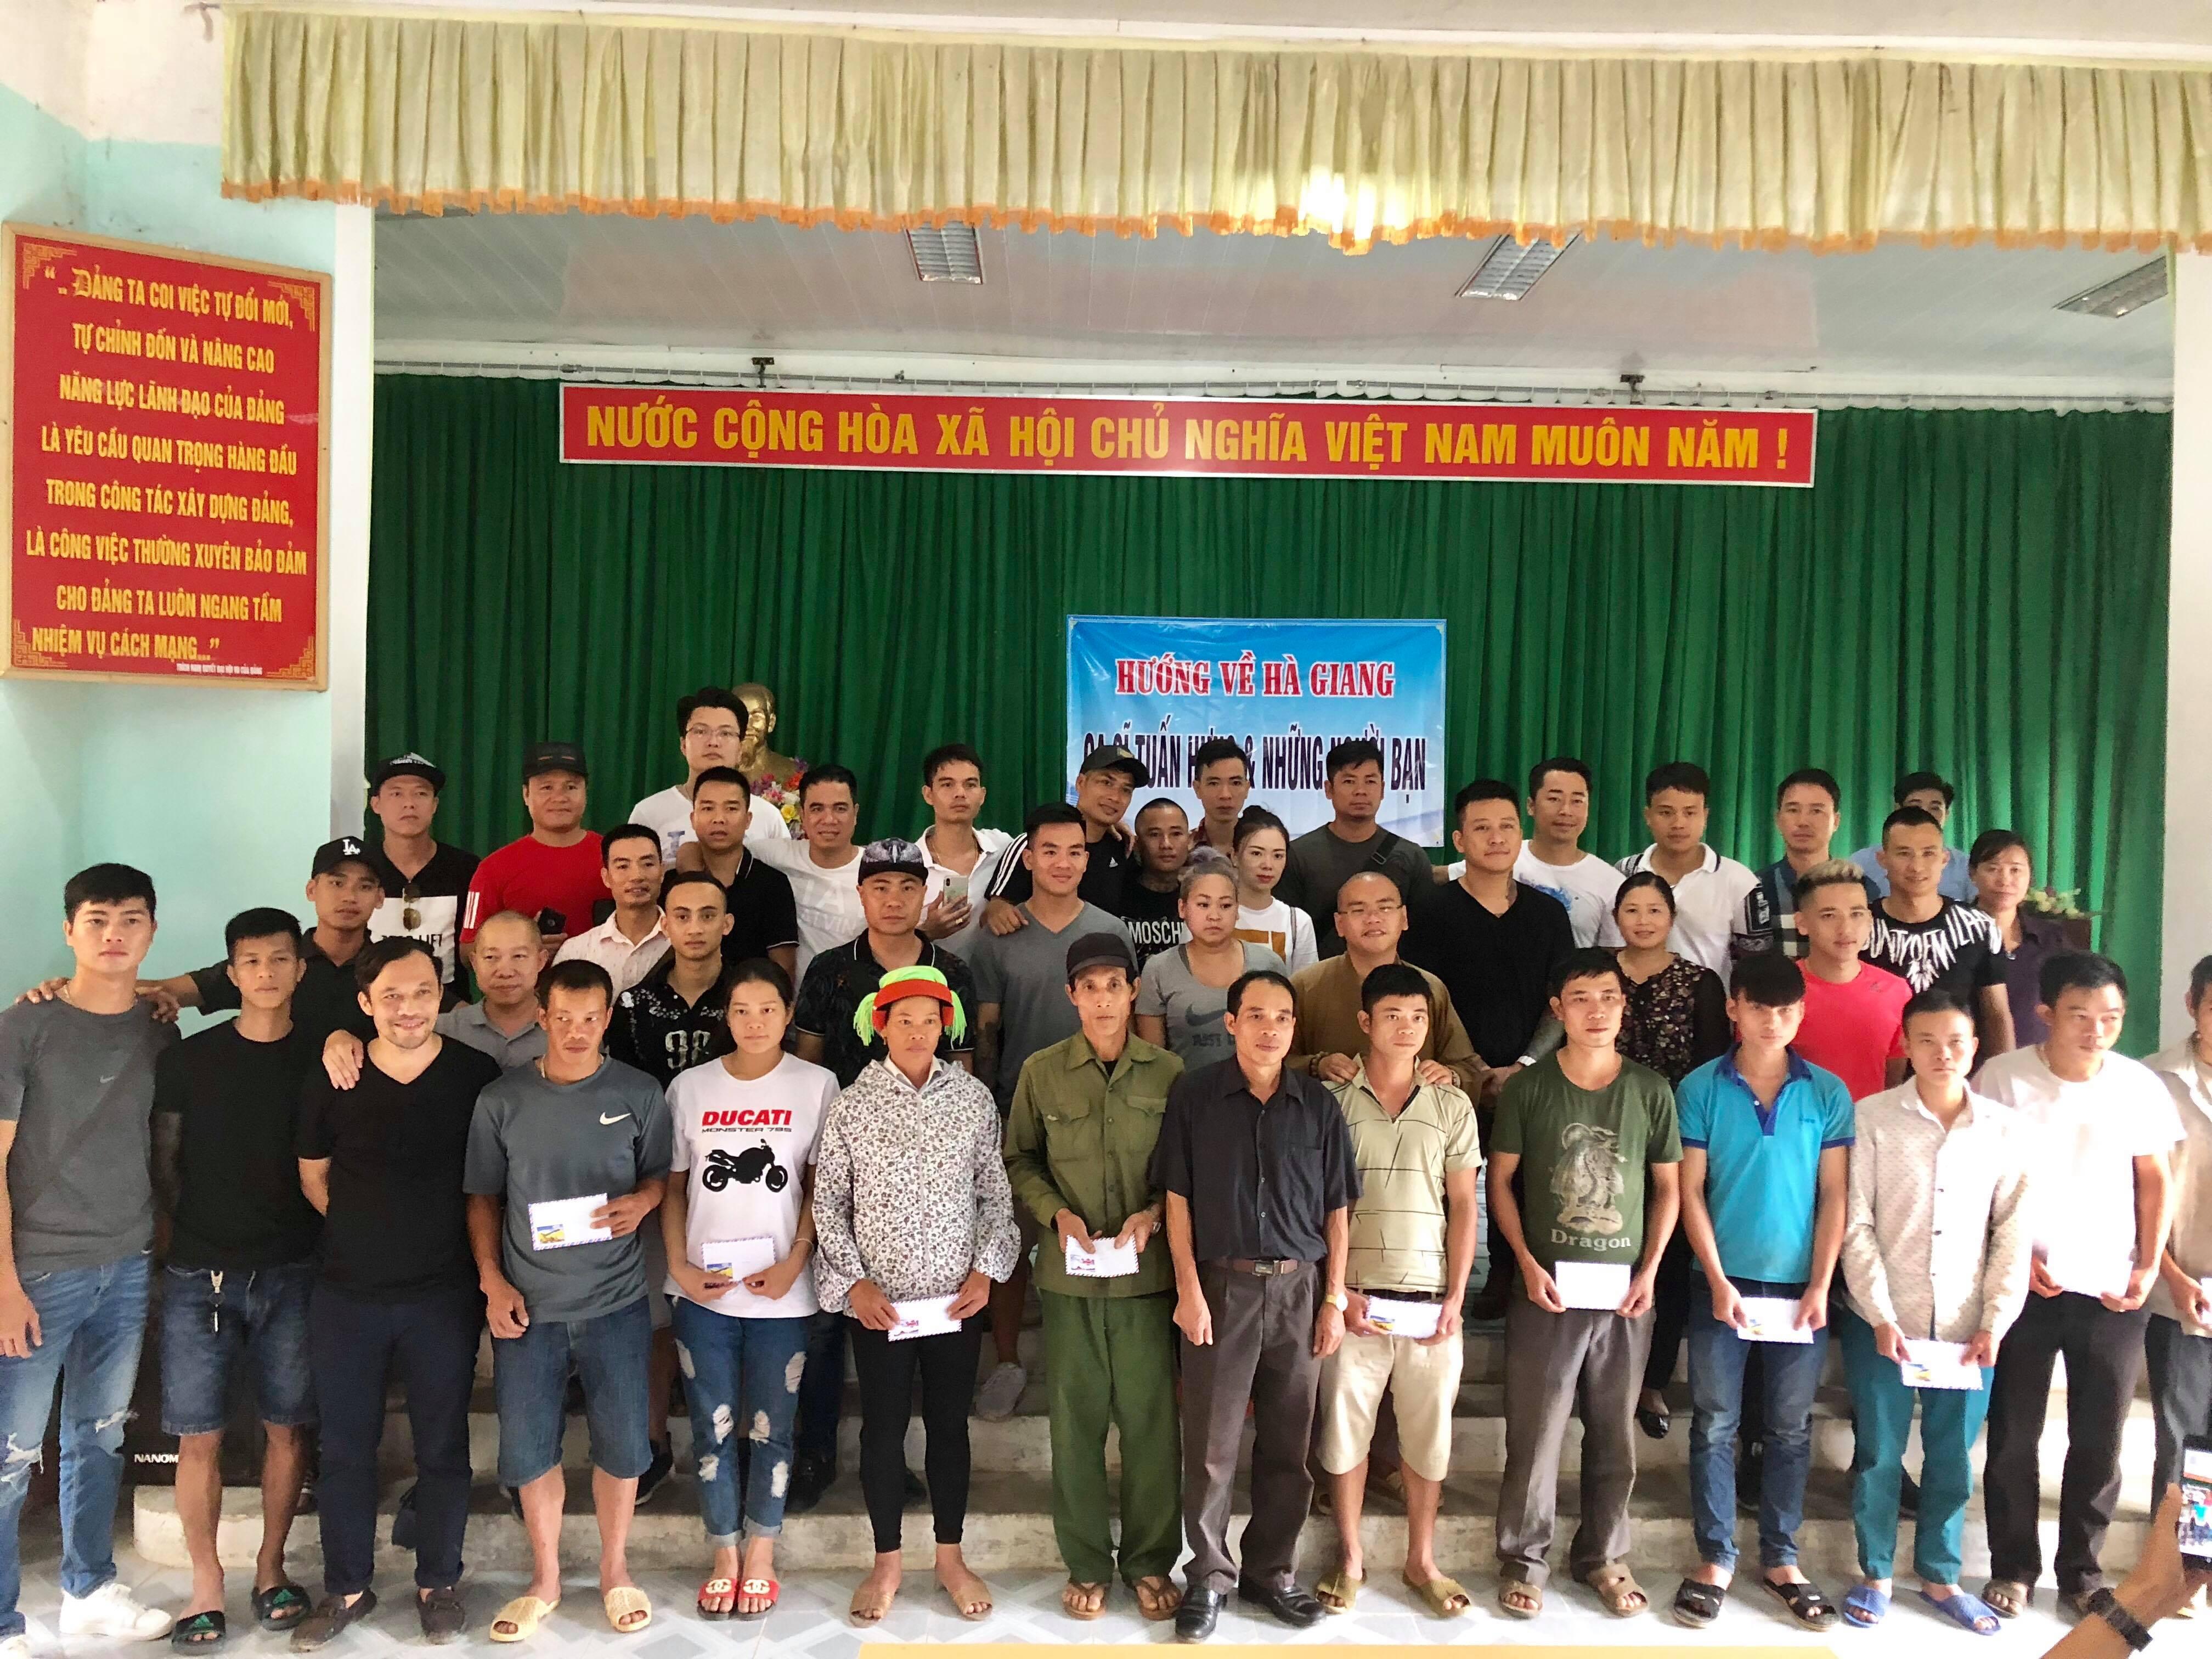 Bùn lún hơn nửa bánh xe, Tuấn Hưng cùng bạn bè vẫn lên Hà Giang giúp đỡ đồng bào trong đêm - Ảnh 3